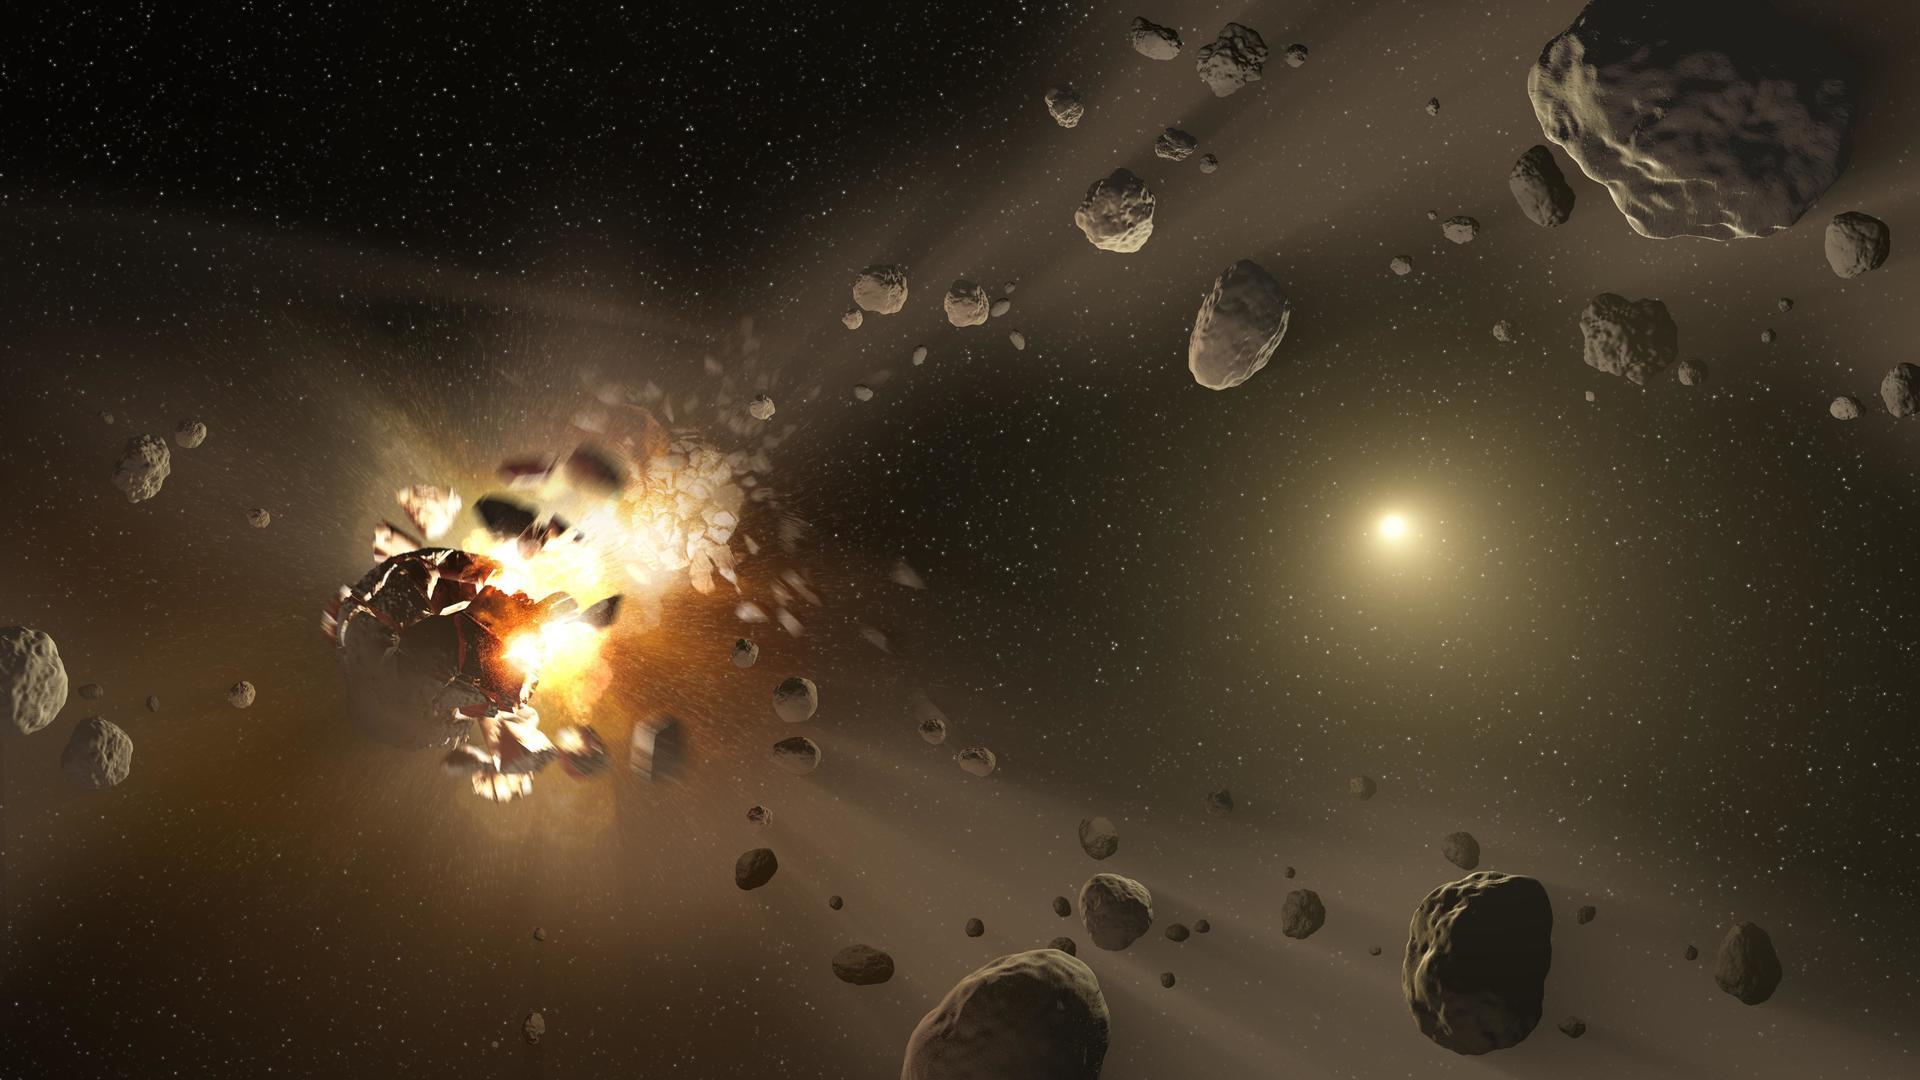 Землю неспасти откатастрофического столкновения састероидом— Ученые